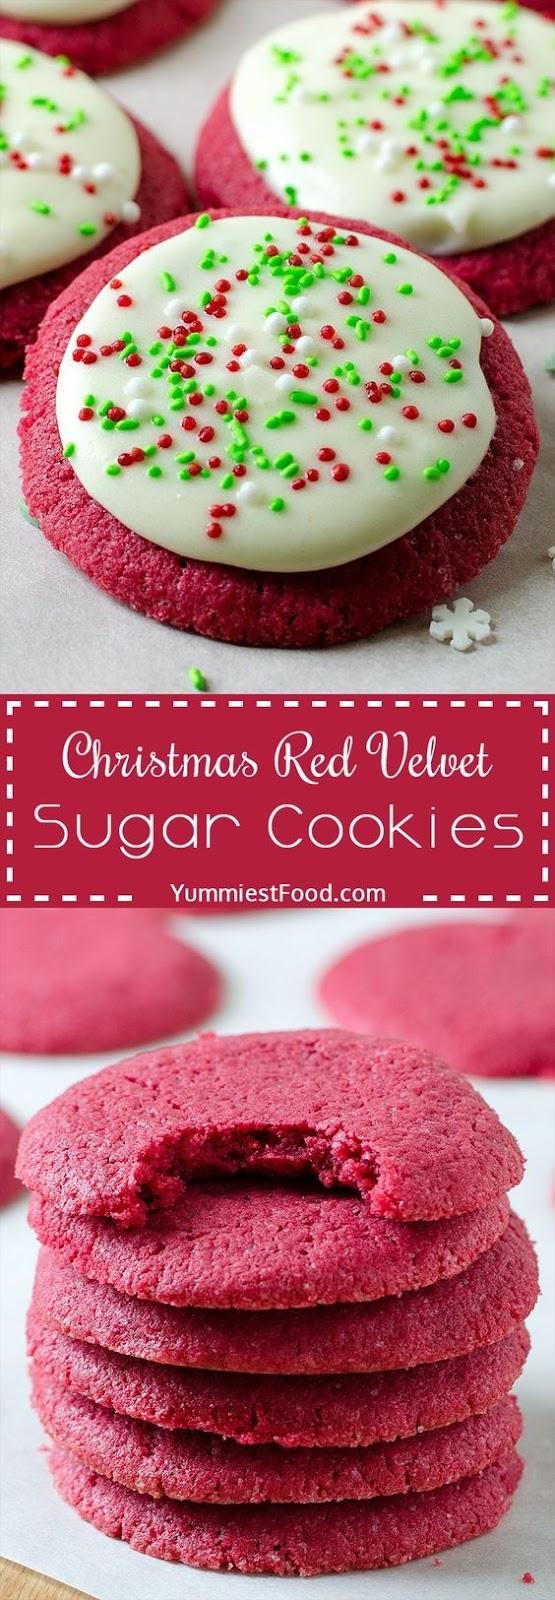 Christmas Red Velvet Sugar Cookies Recipe